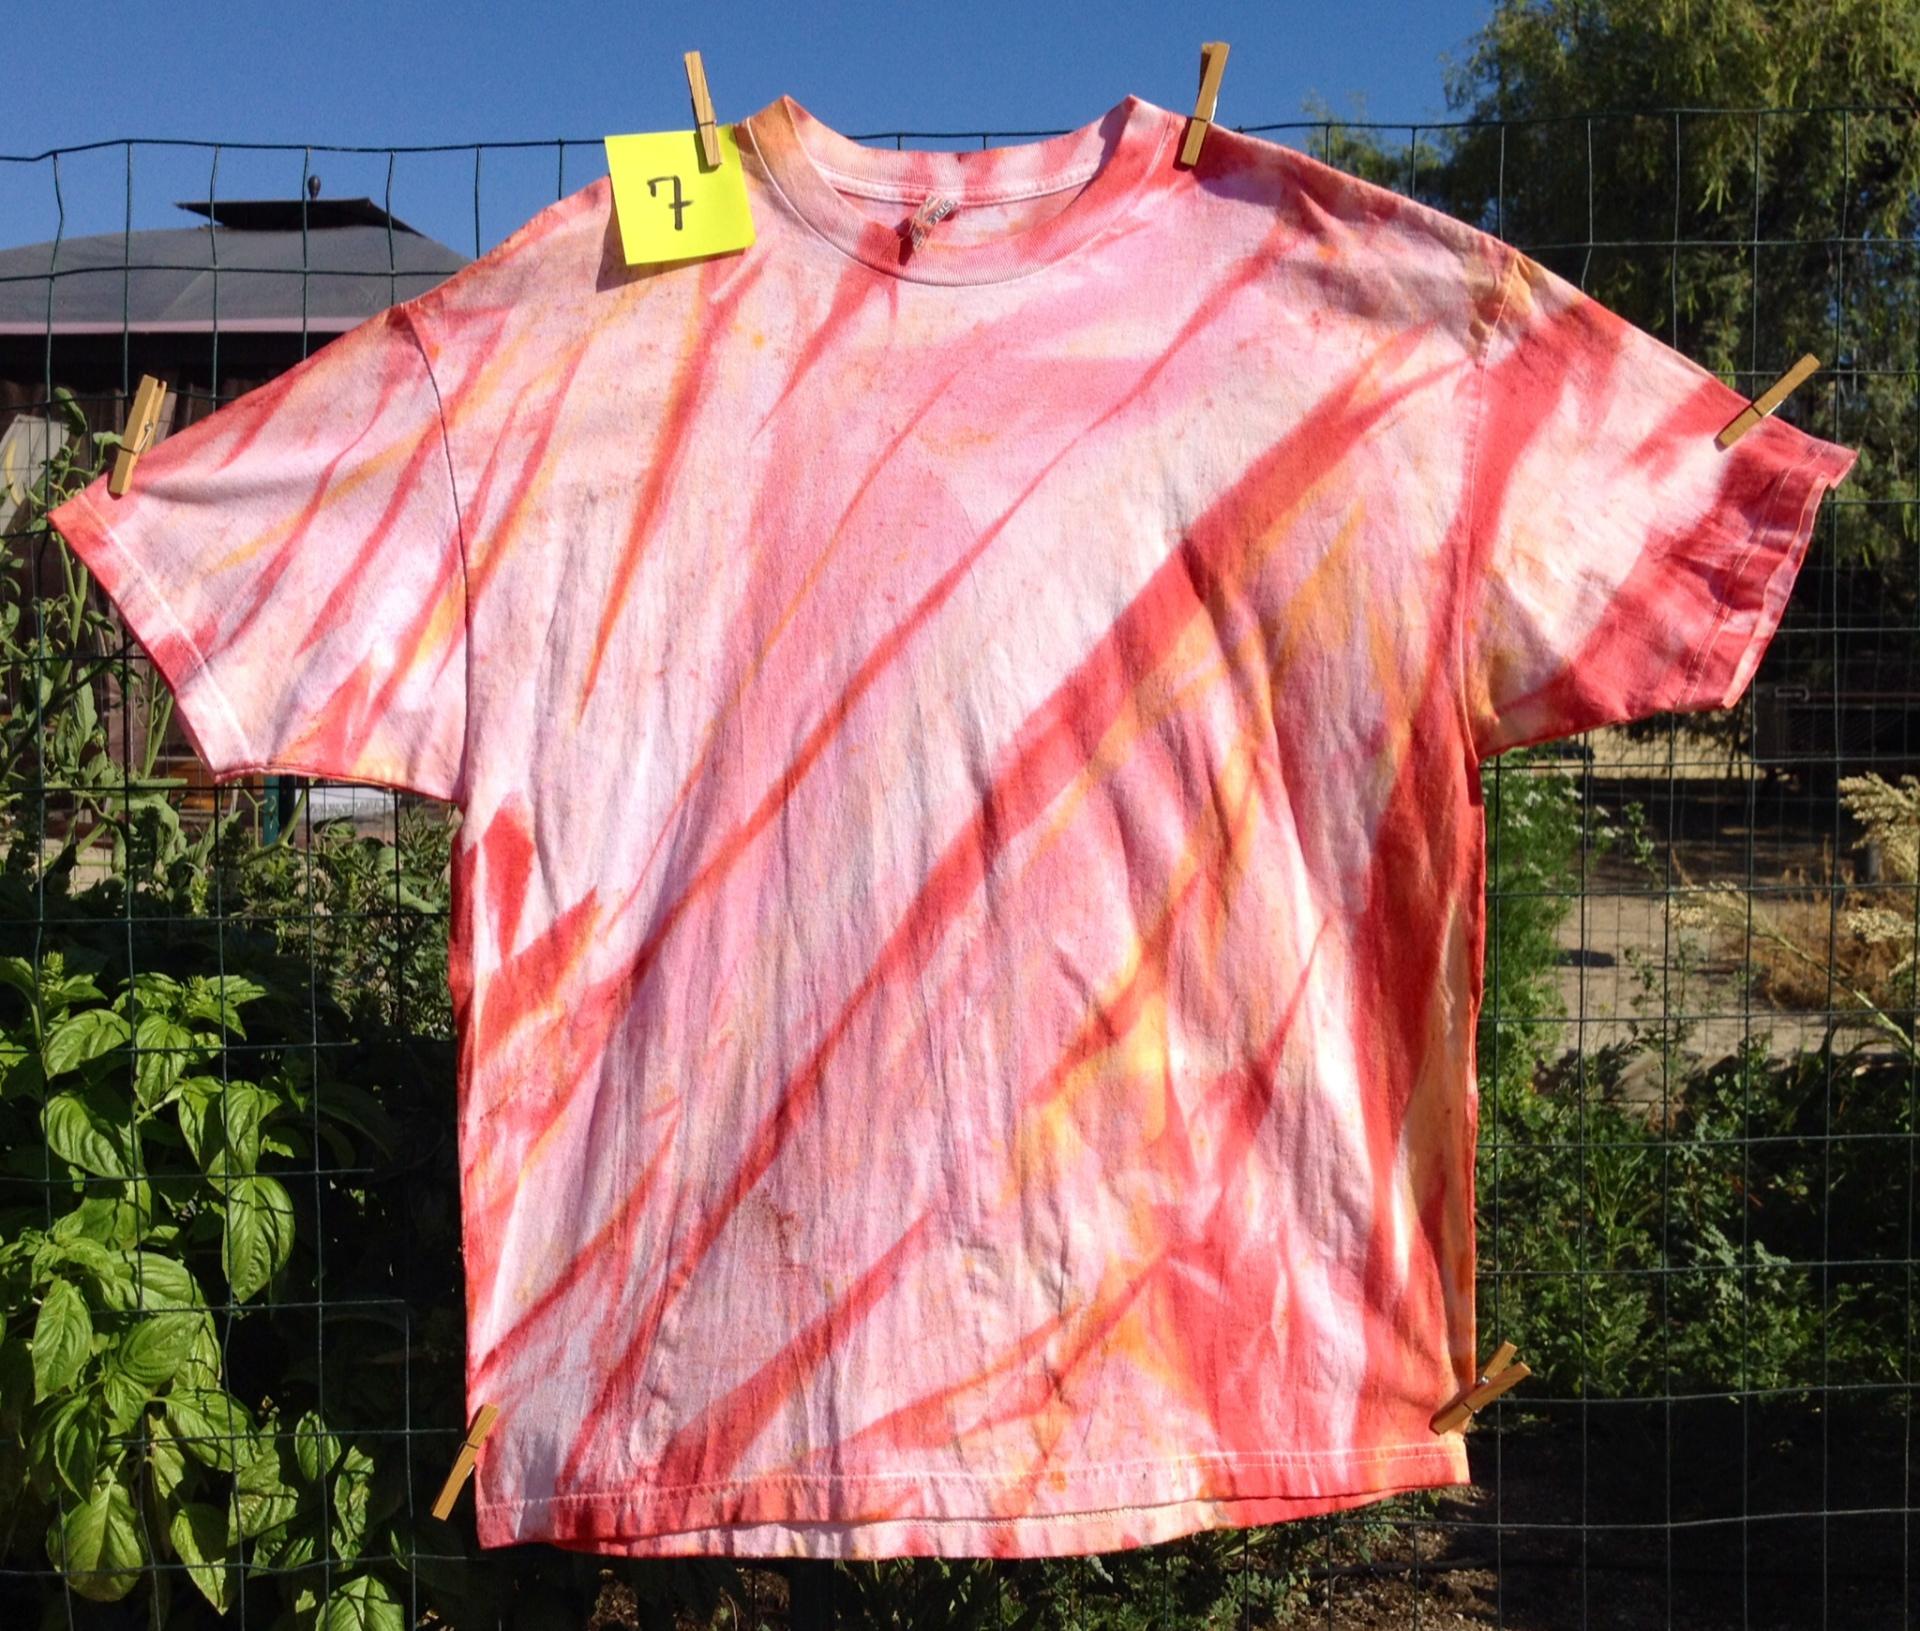 Spray died Stripes